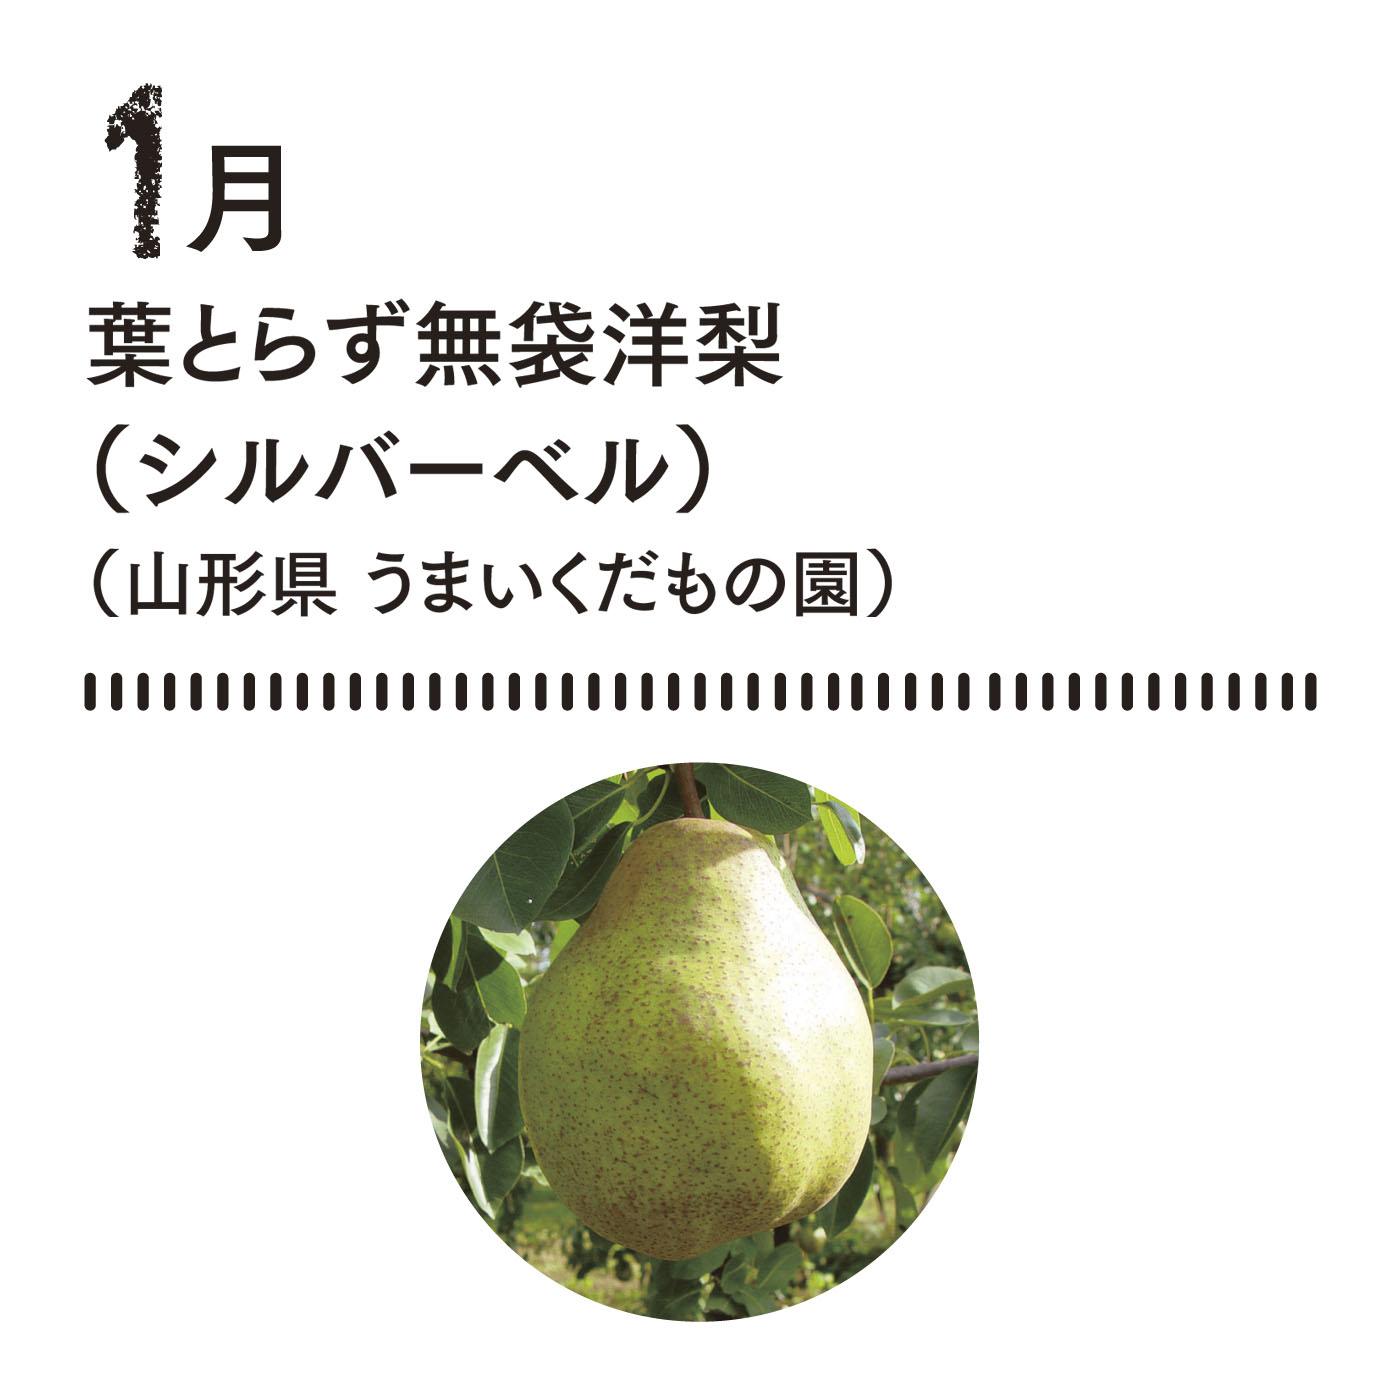 収穫後の追熟温度管理が秘訣! 11月に収穫の最盛期を迎える西洋梨を1月までじっくりと追熟。葉とらず無袋洋梨。■お届け時期 1月中旬 約2kg(5玉前後)